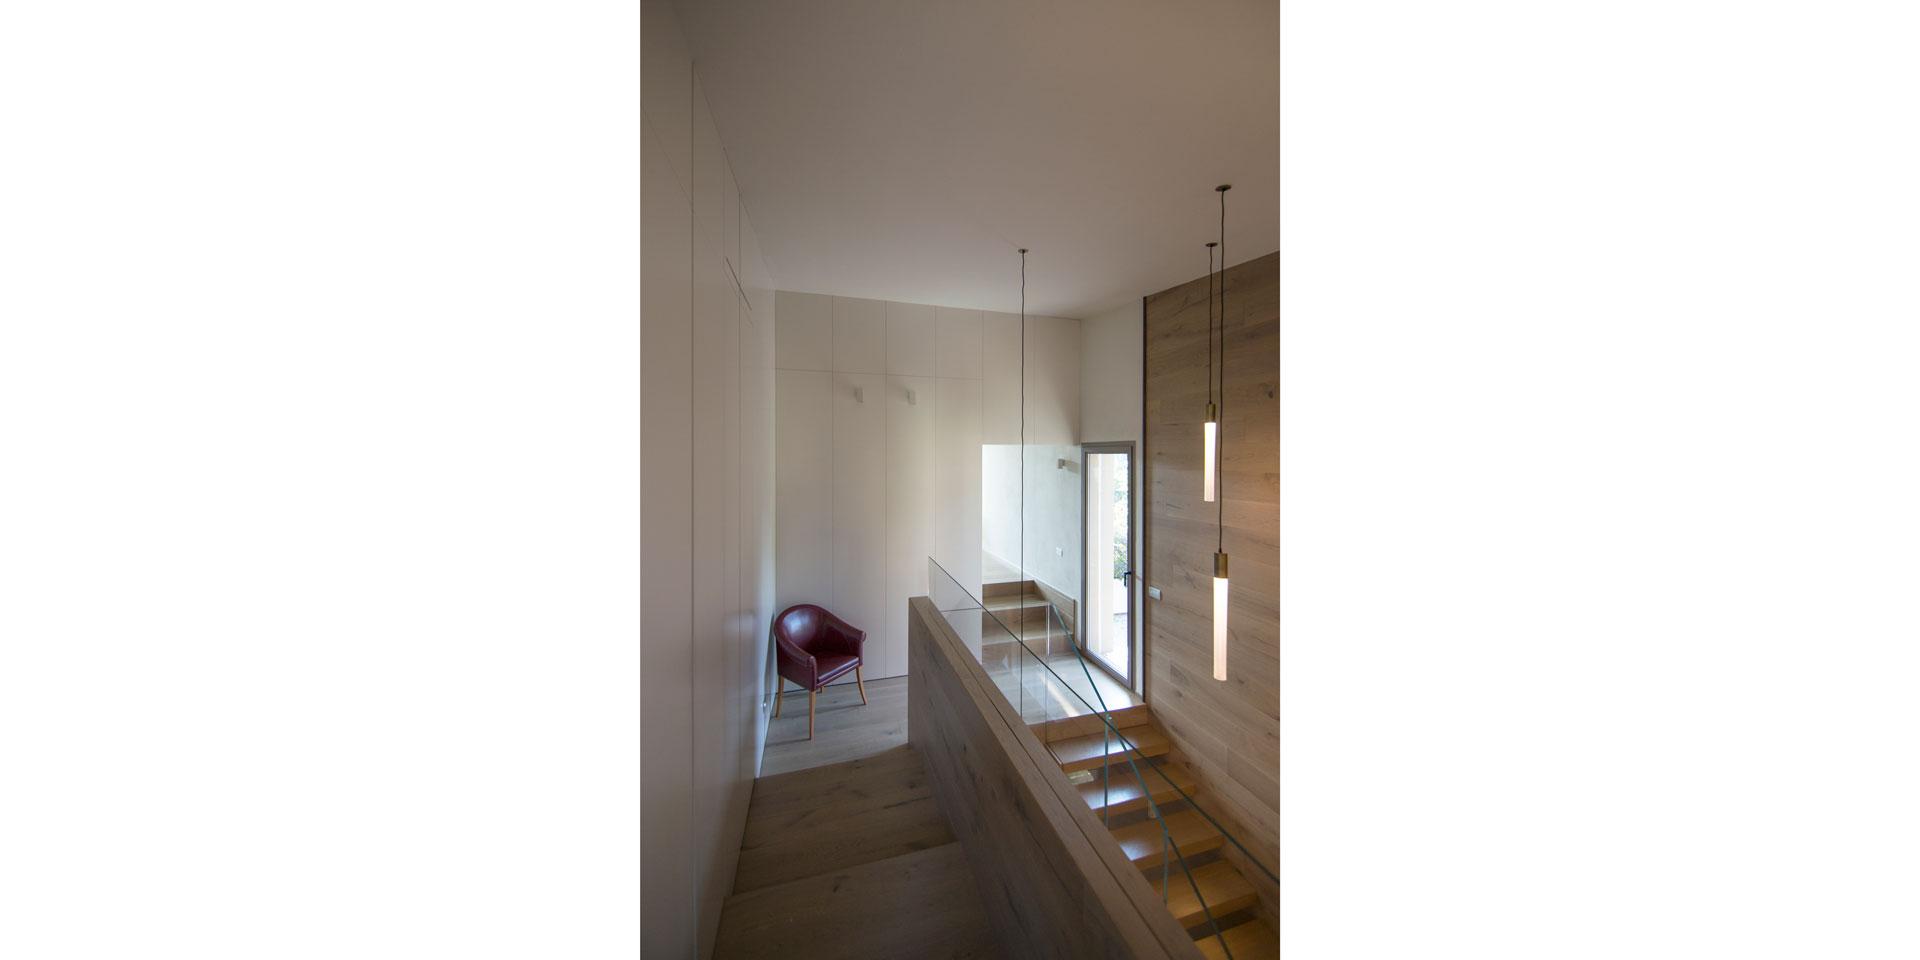 archinow_MAR_residenza-privata-rimini_21-1